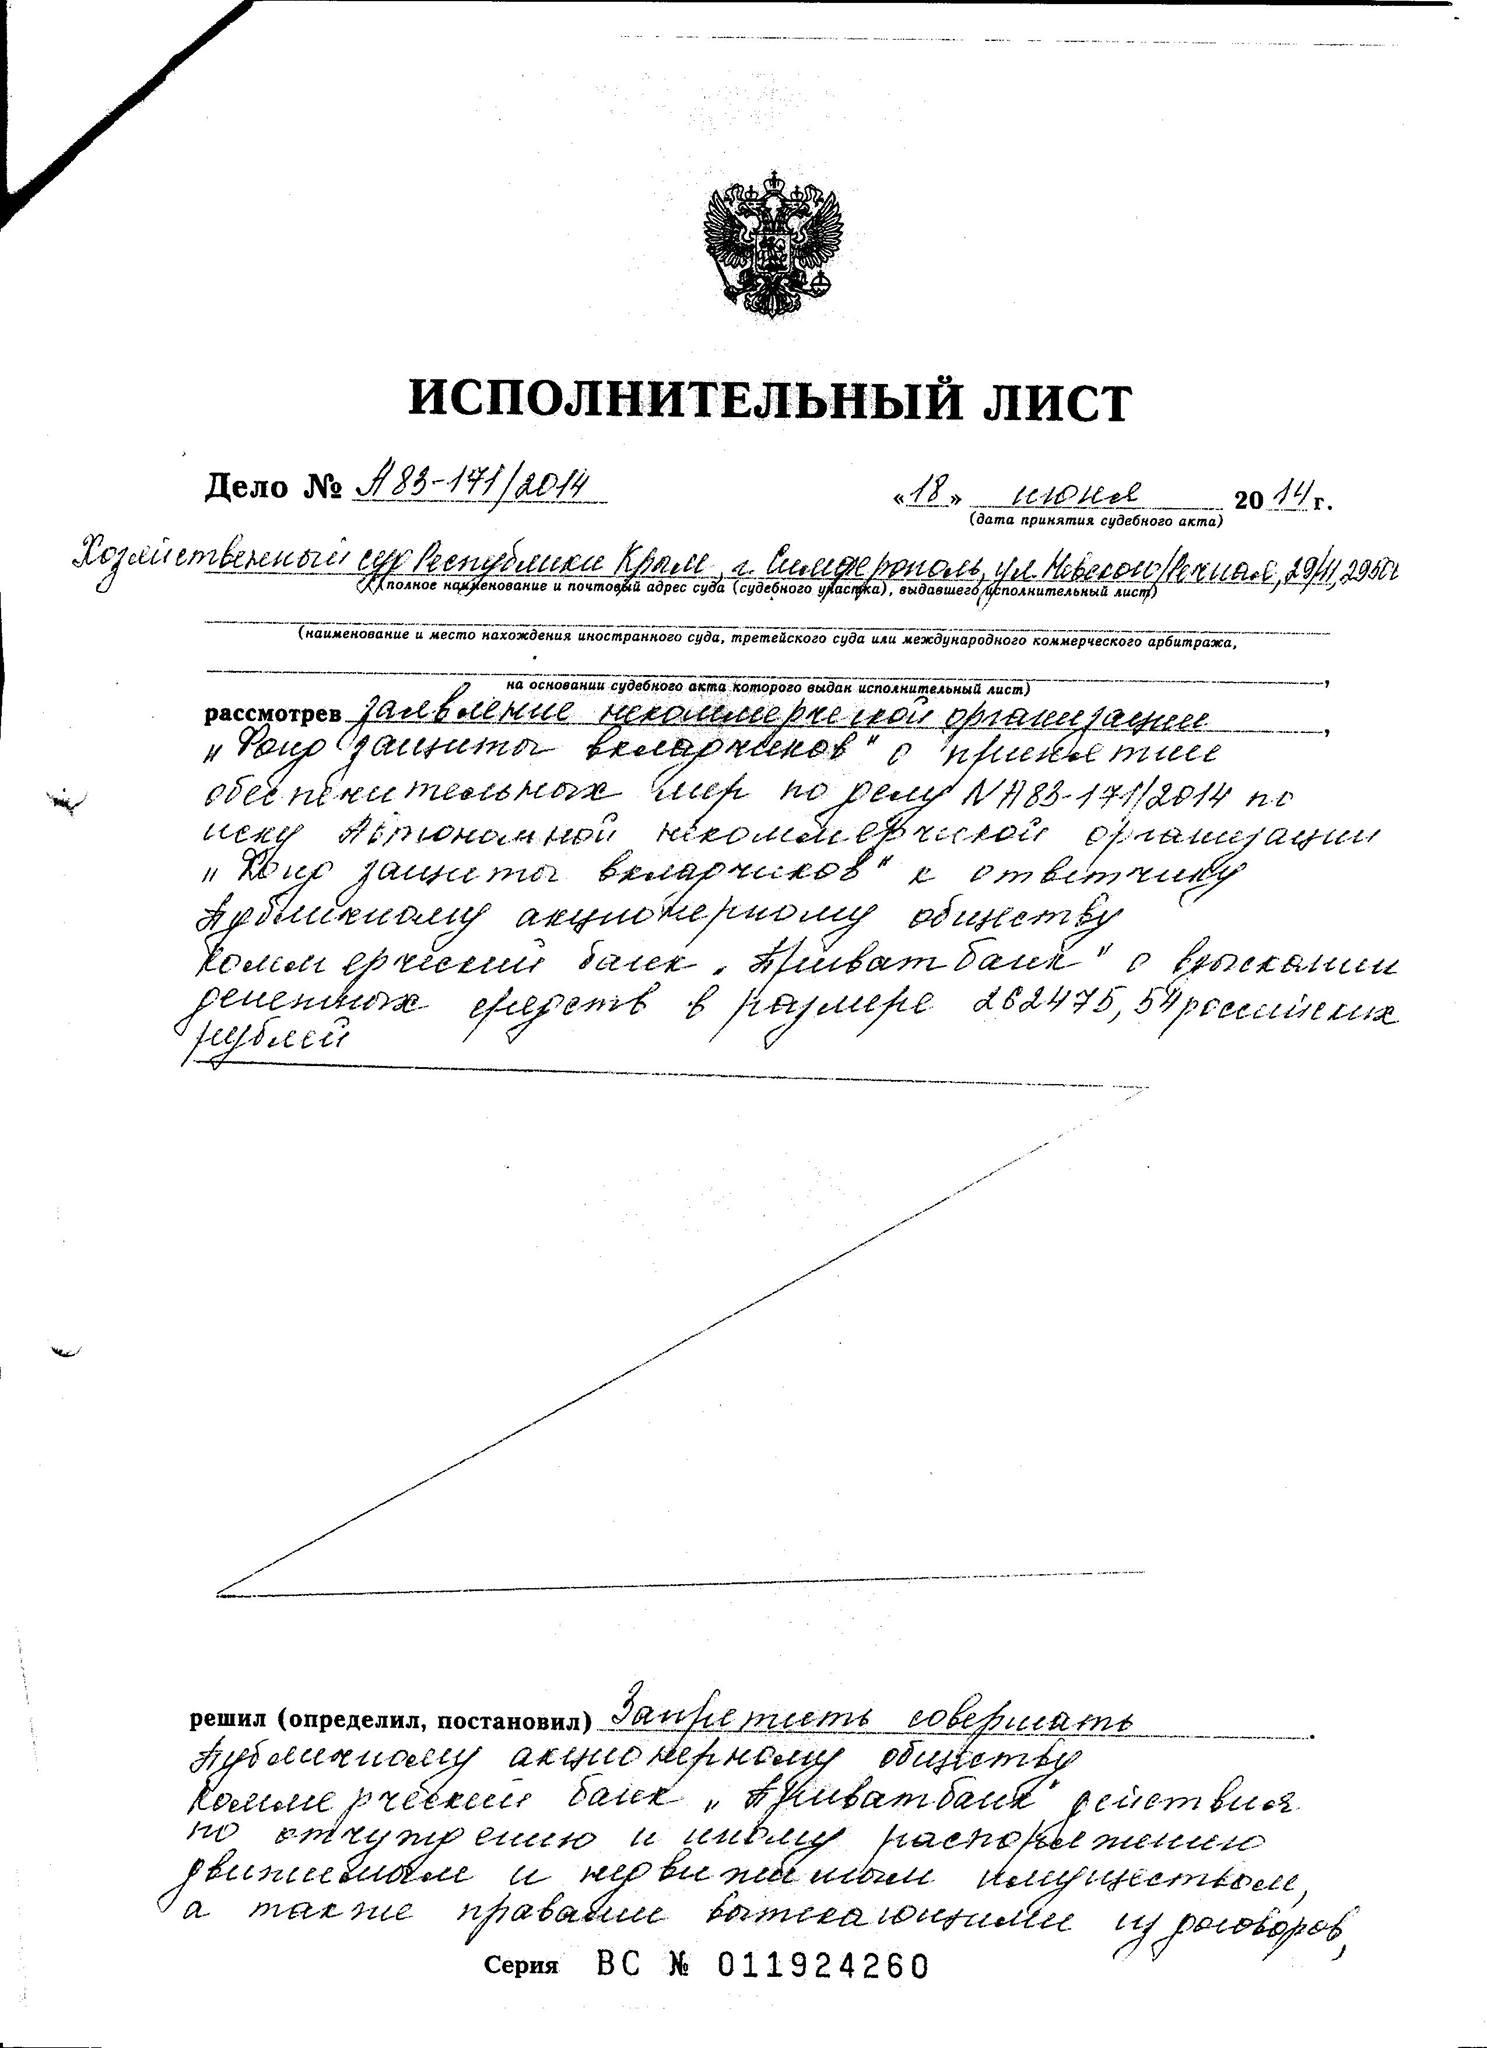 Исполнительный лист наложение ареста судебный приказ отменен что дальше делать